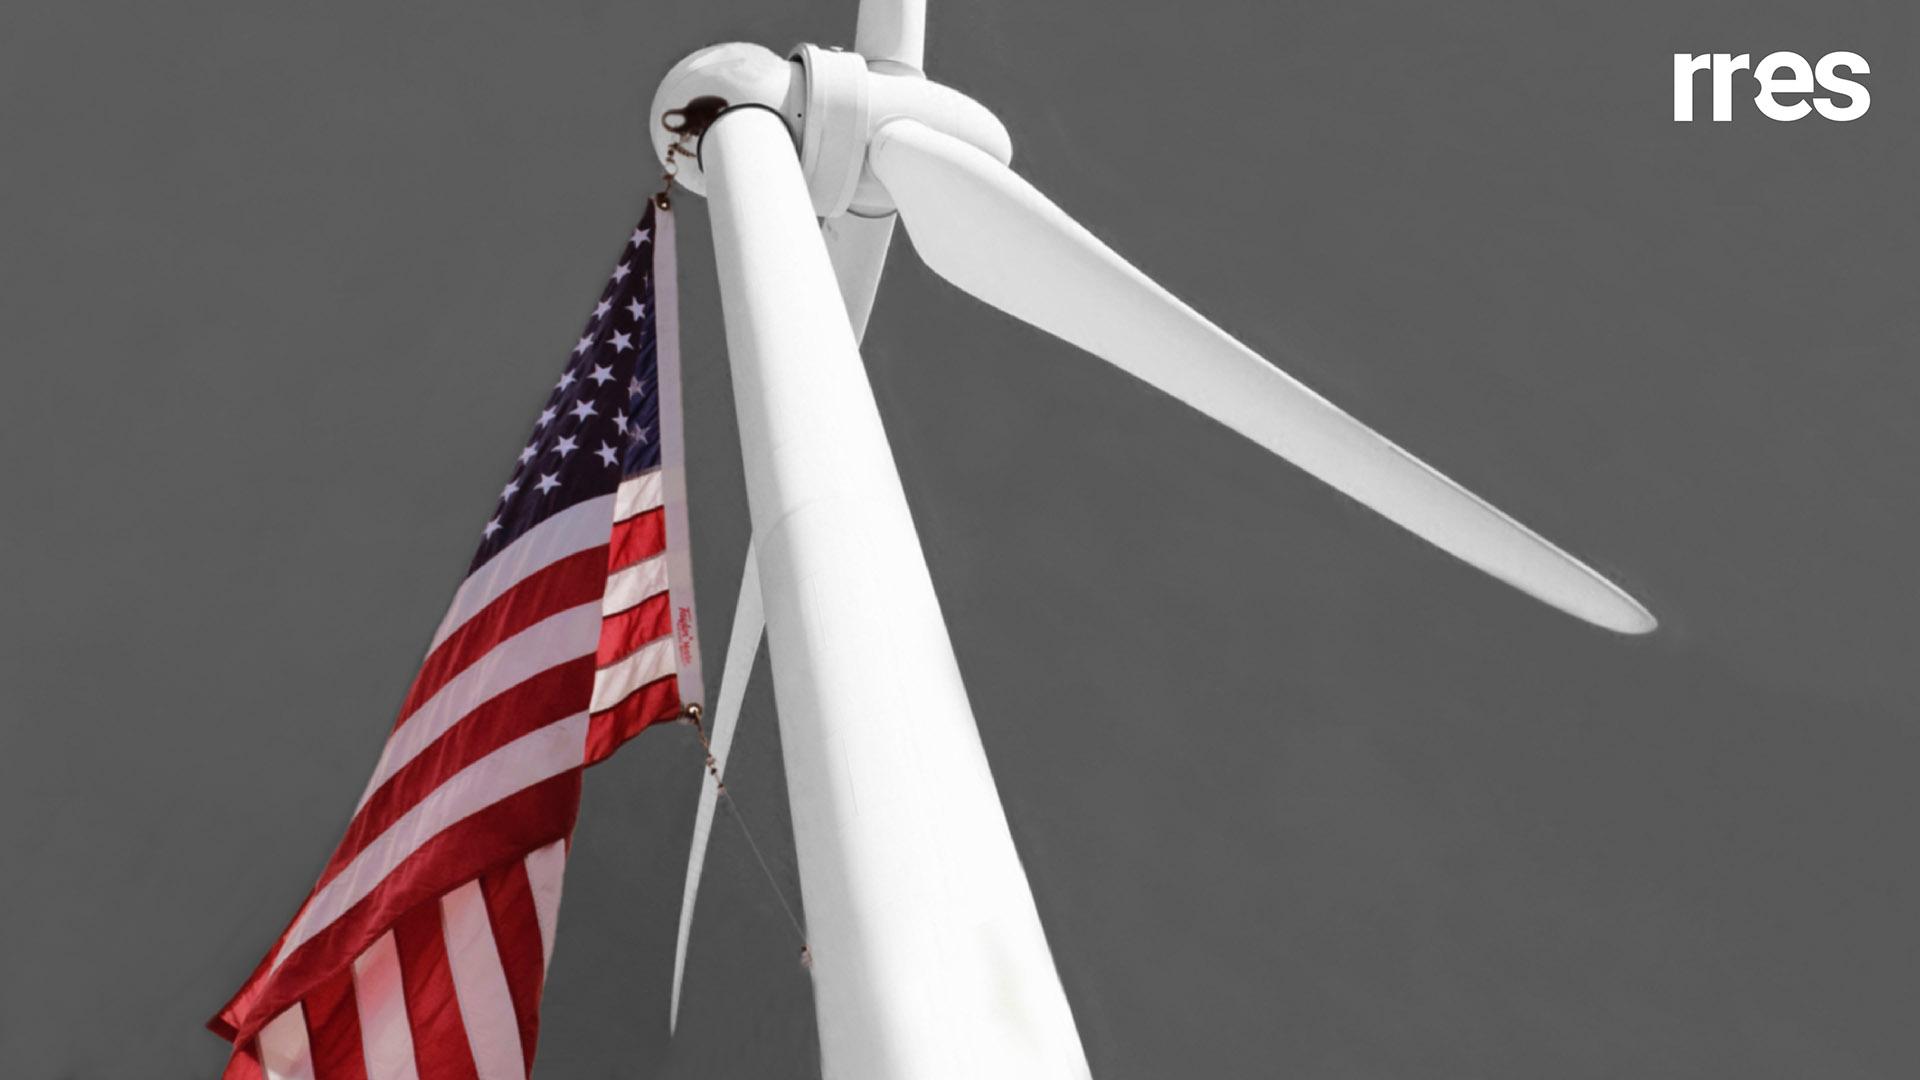 La encrucijadade las empresas energéticas (II), por Tony Bianchi